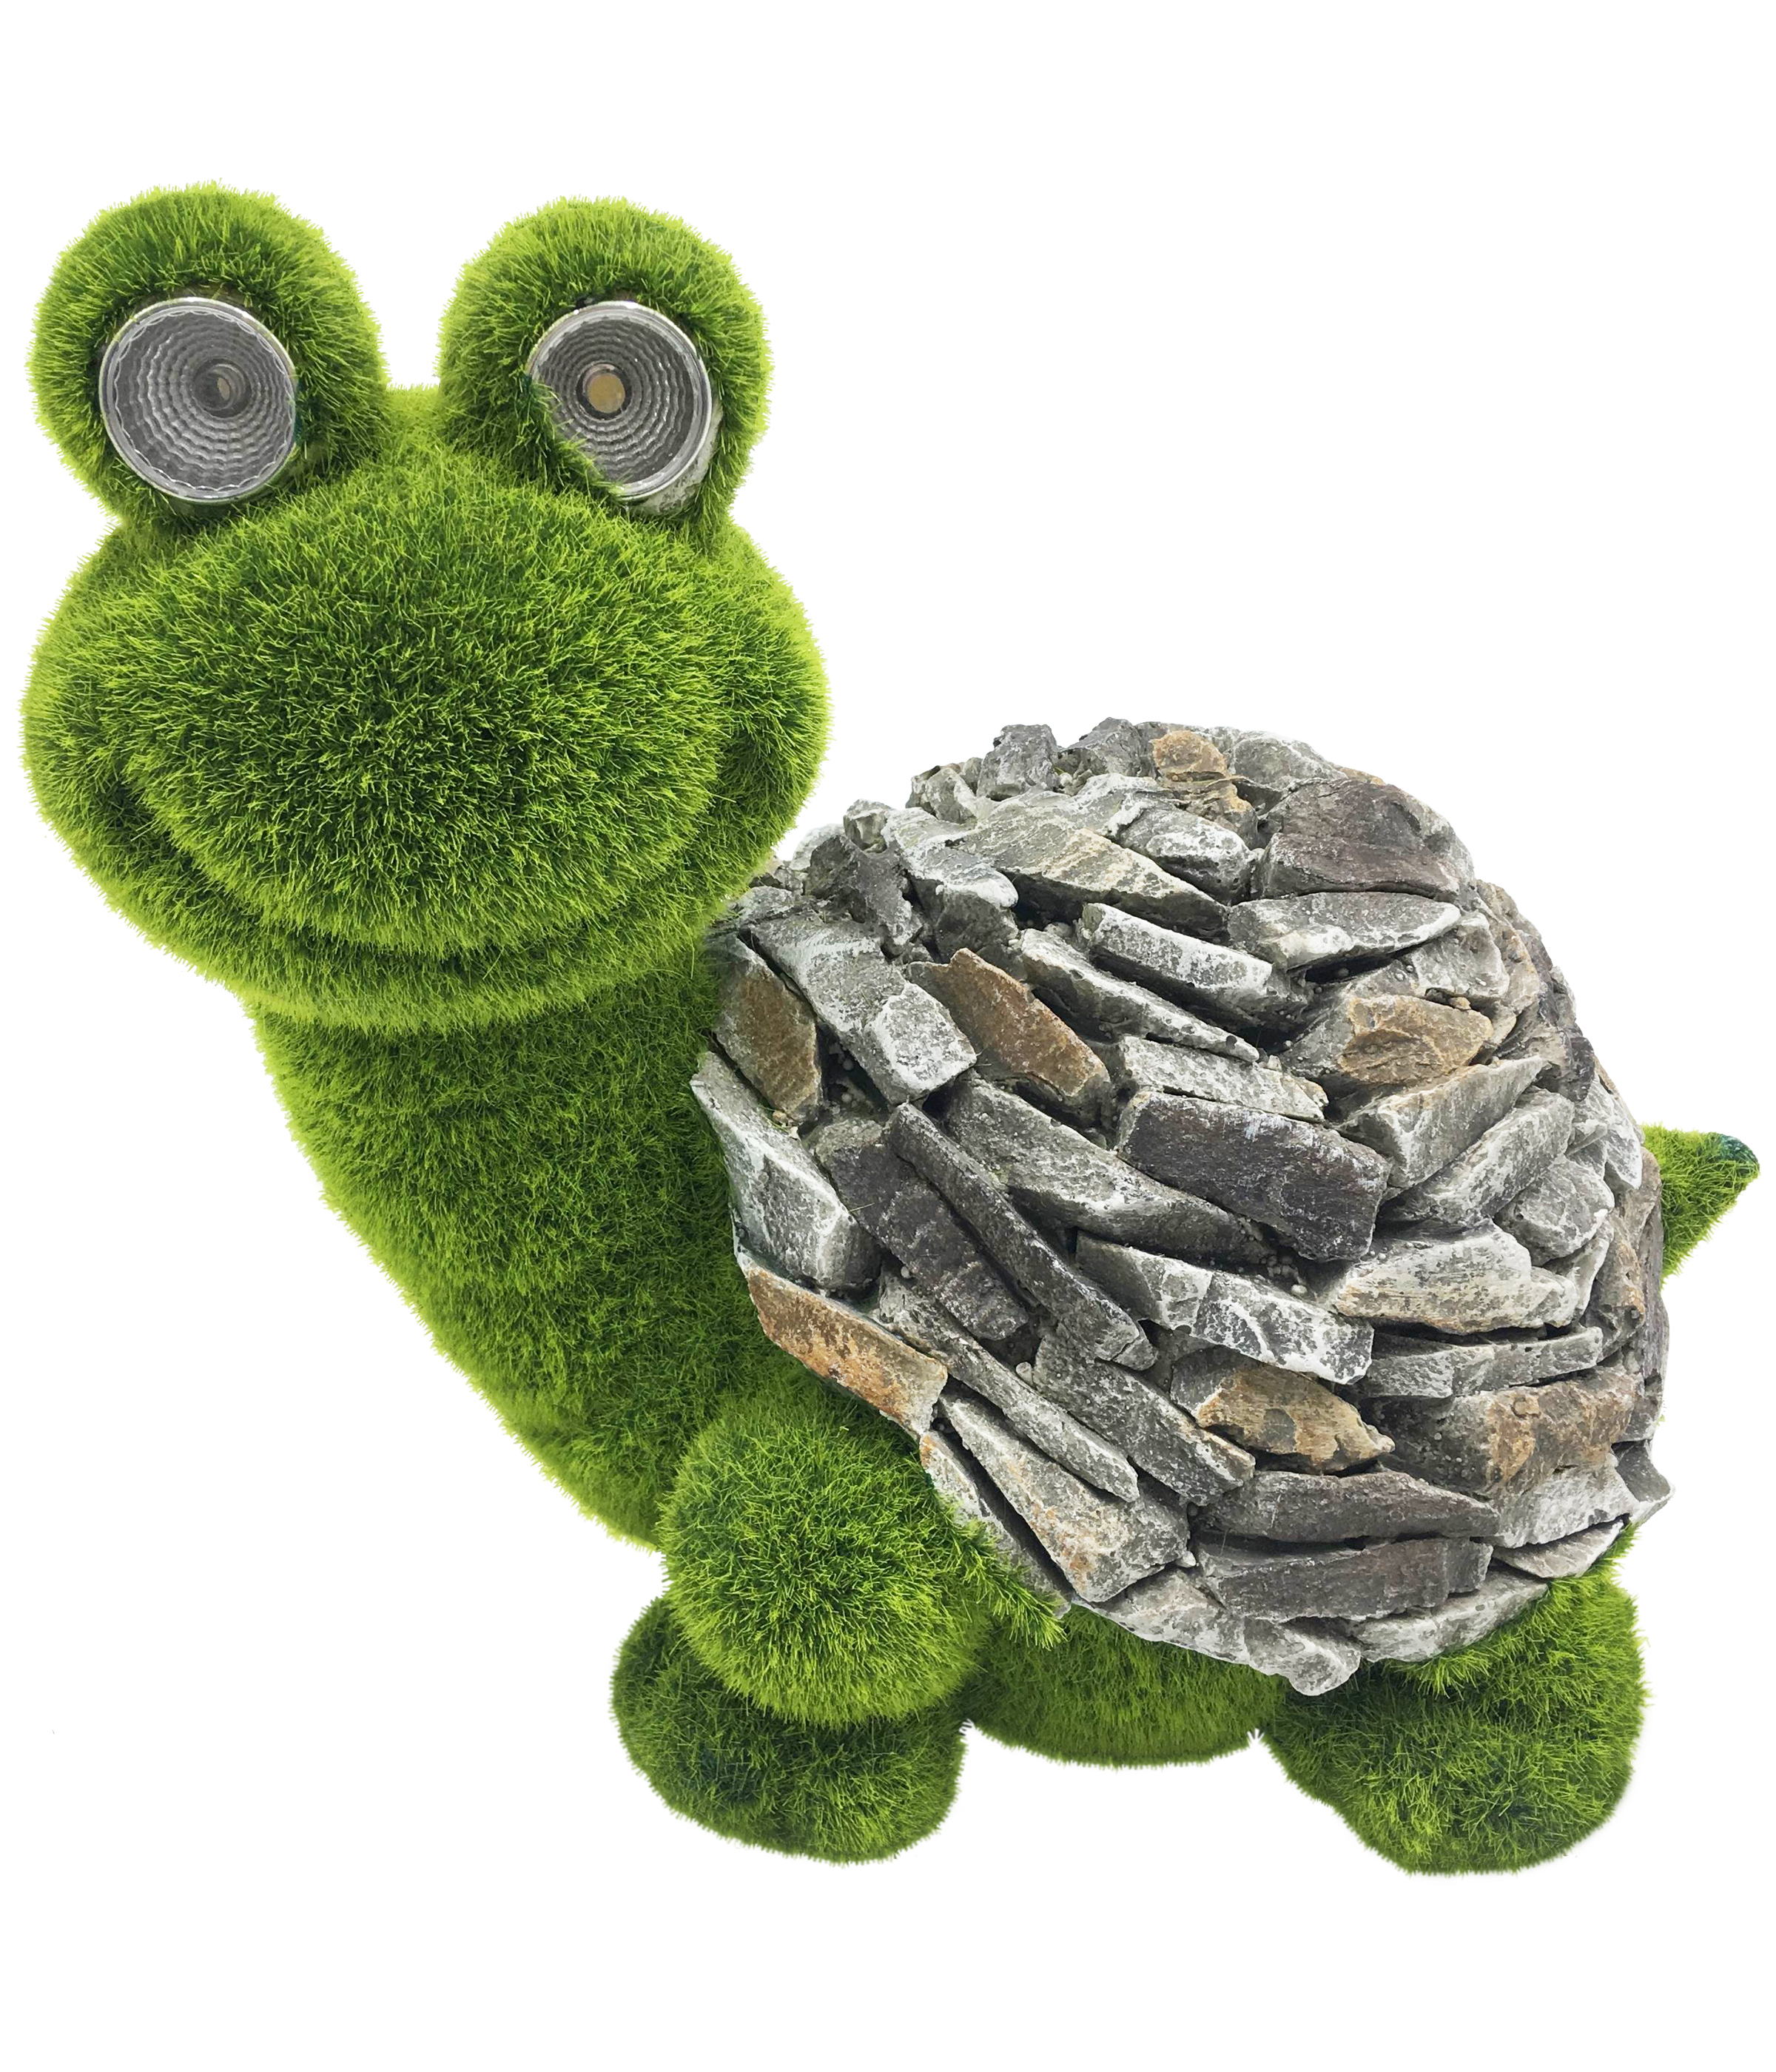 Dehner Dekofigur Schildkröte mit Solar warmweiß Magnesia 27.5 x 21.5 x 19.5 cm